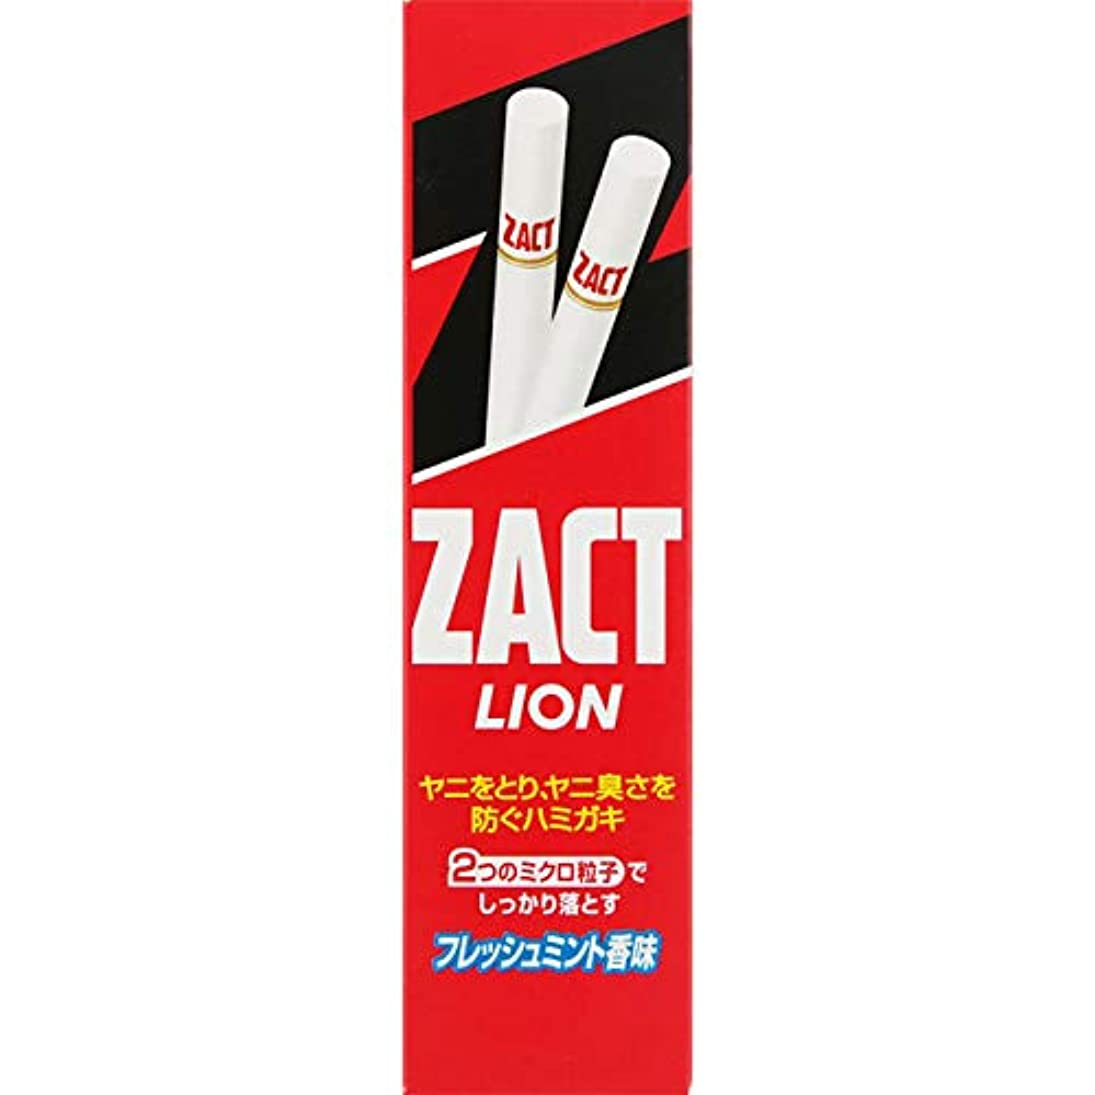 ピアニストジャニス自分の力ですべてをするライオン ザクト ライオン 150g(医薬部外品)